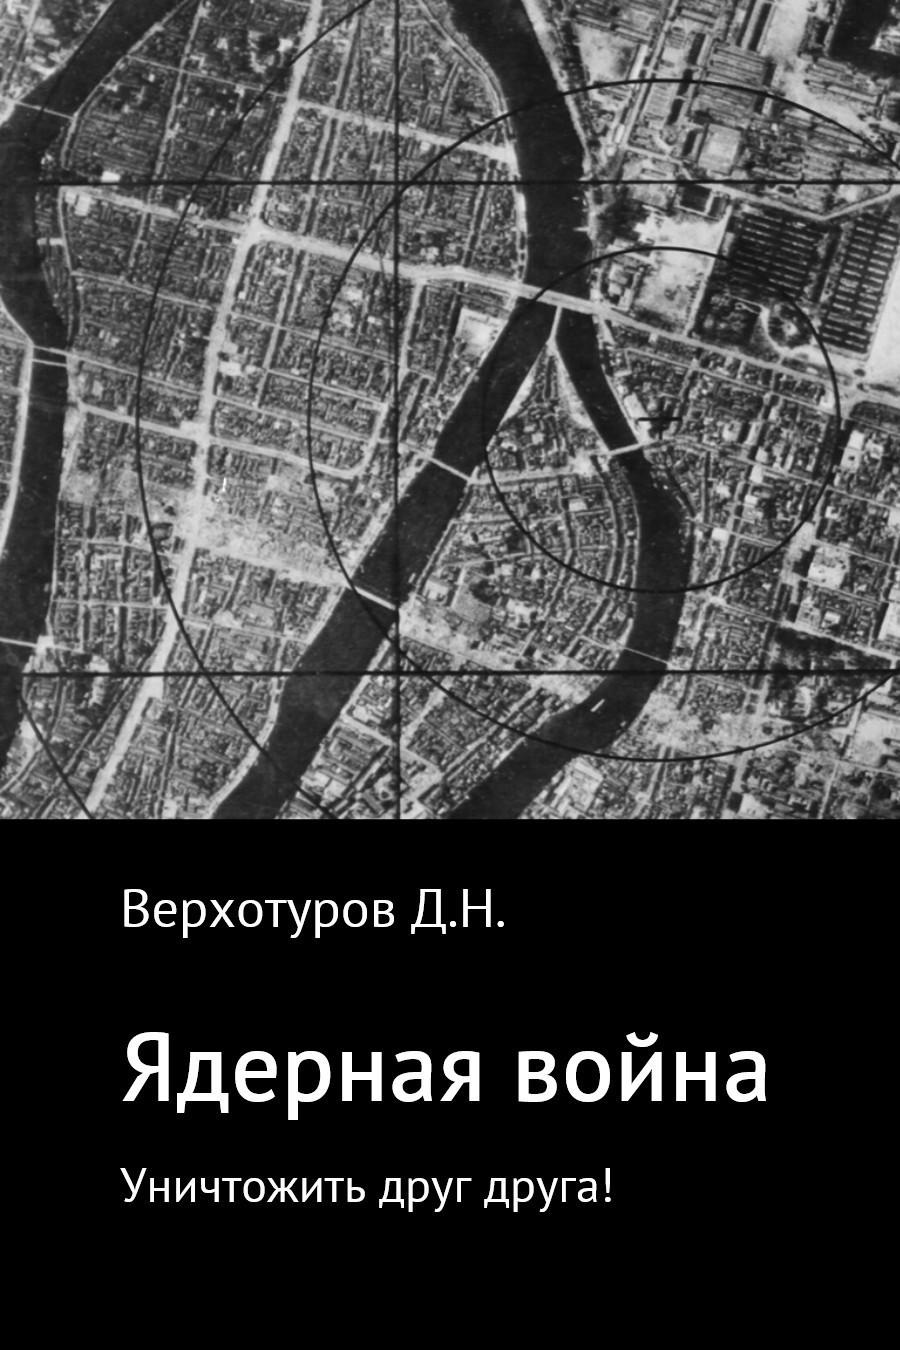 Дмитрий Верхотуров - Ядерная война: уничтожить друг друга!